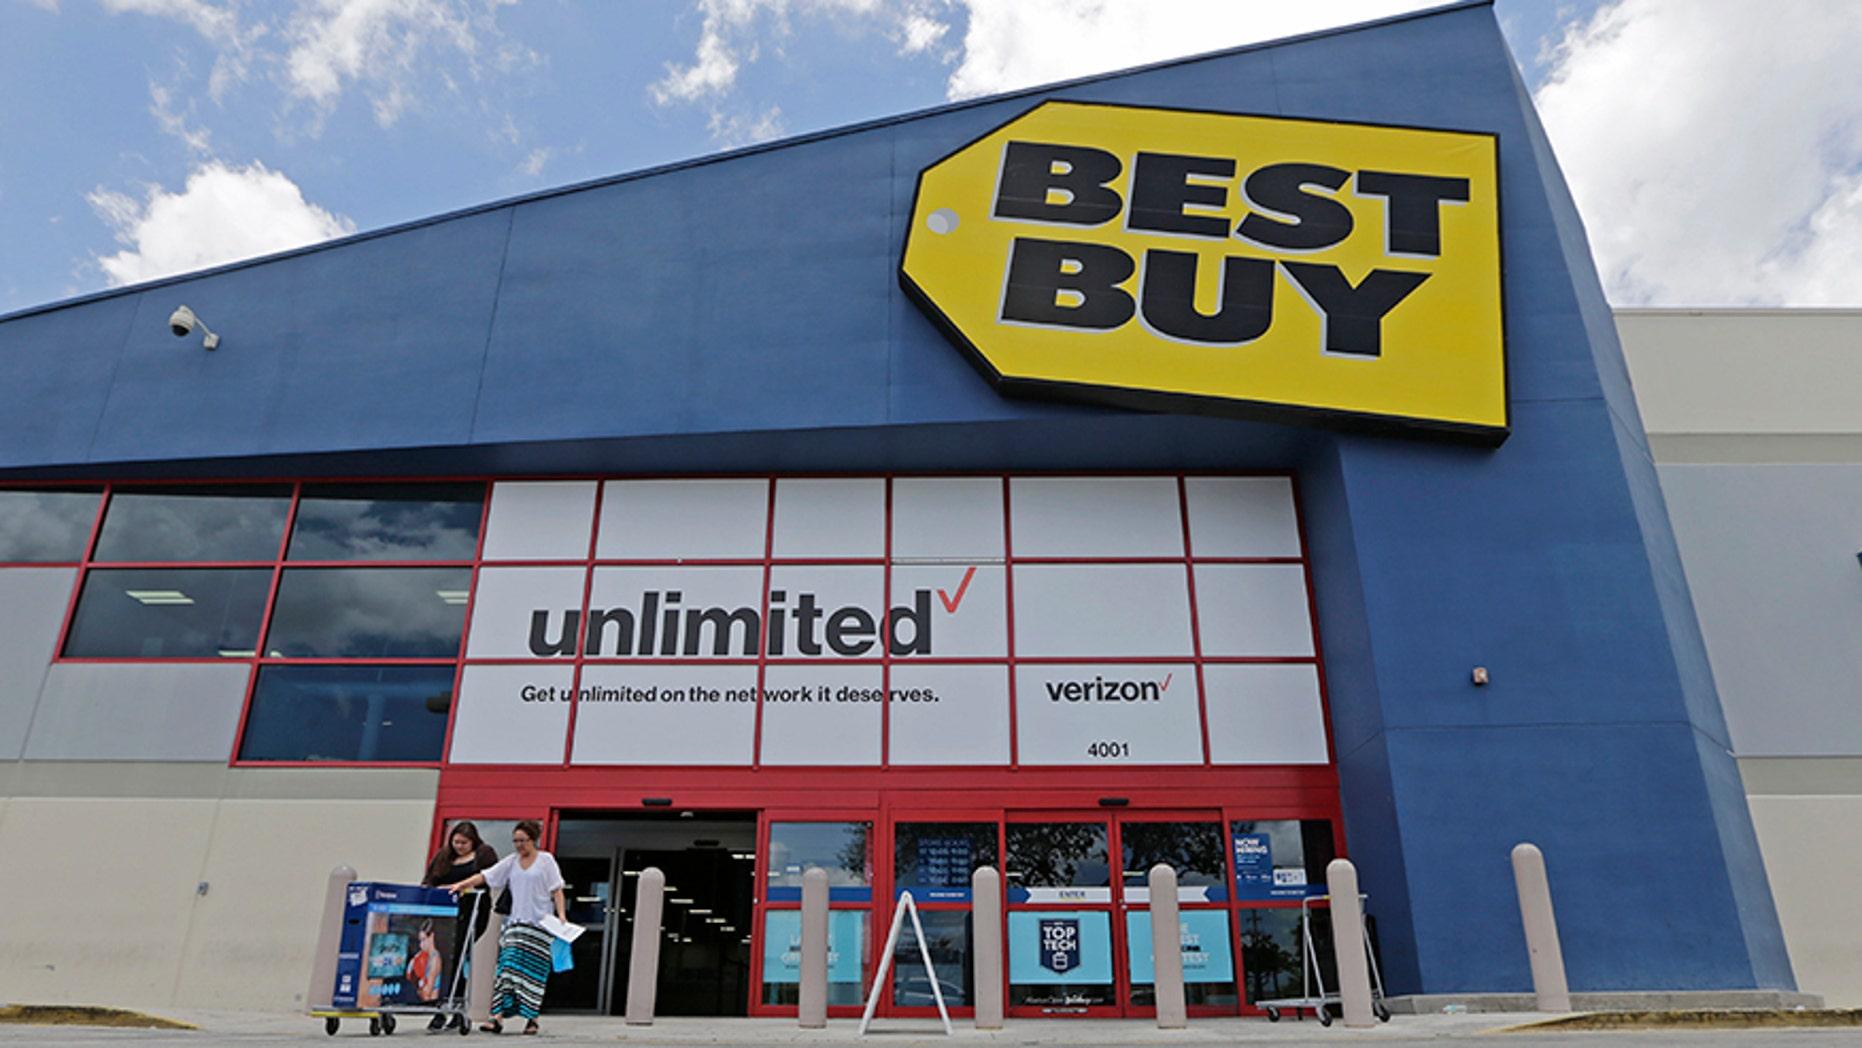 A Best Buy store in Hialeah, Fla.